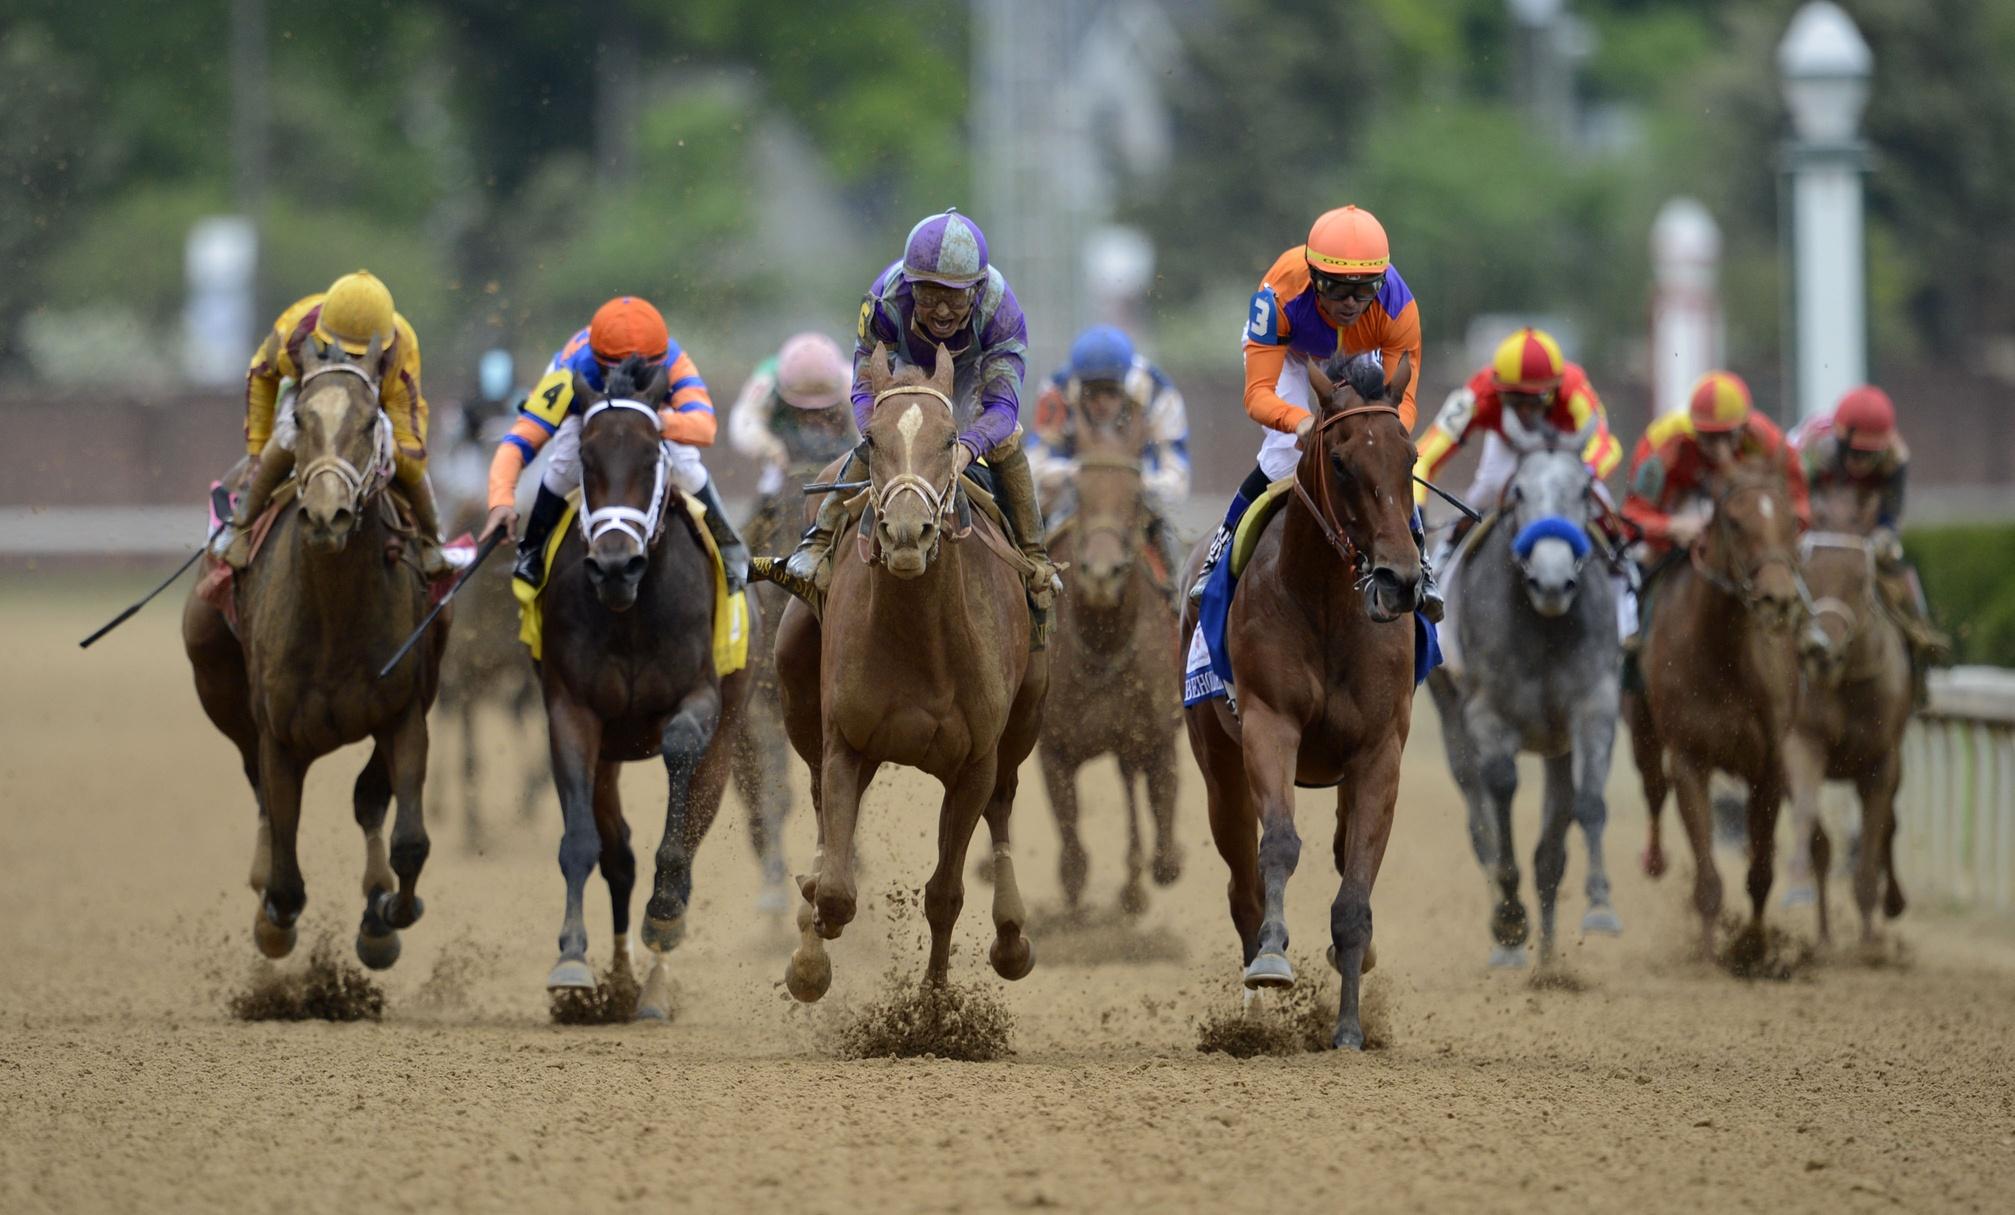 Carreras de caballos - 2015x1215